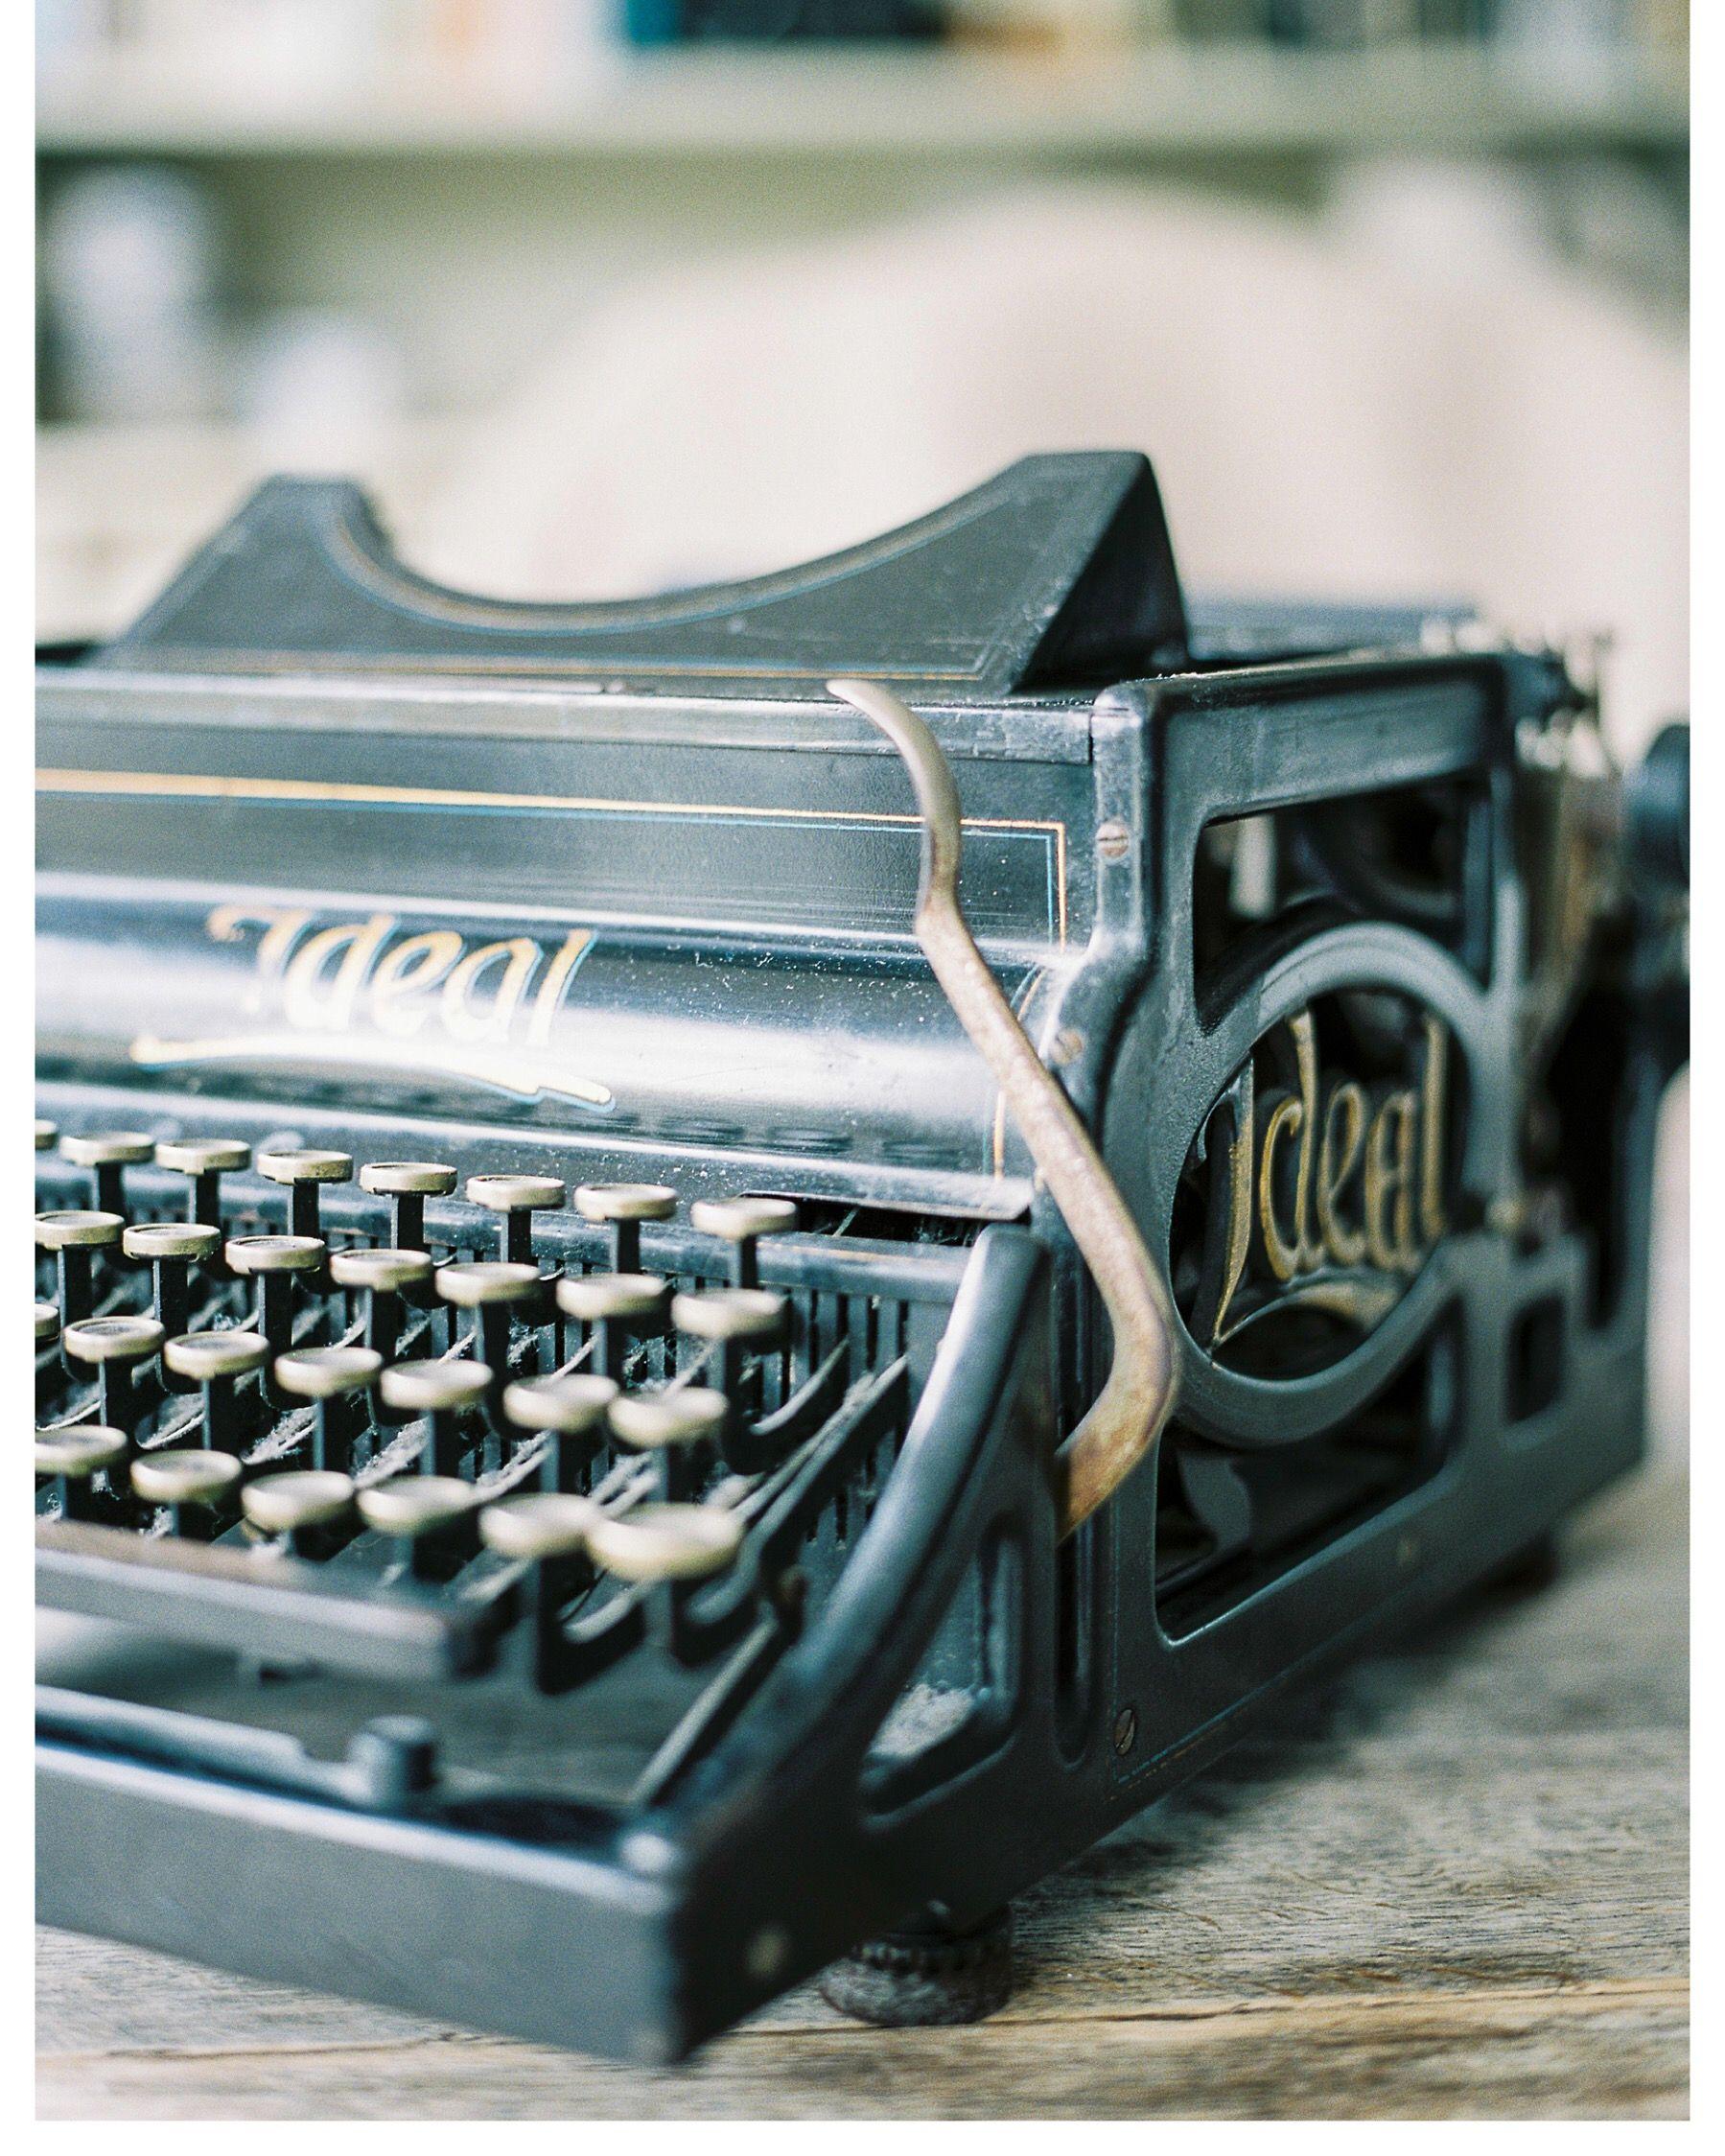 Old typewriter on Fuji